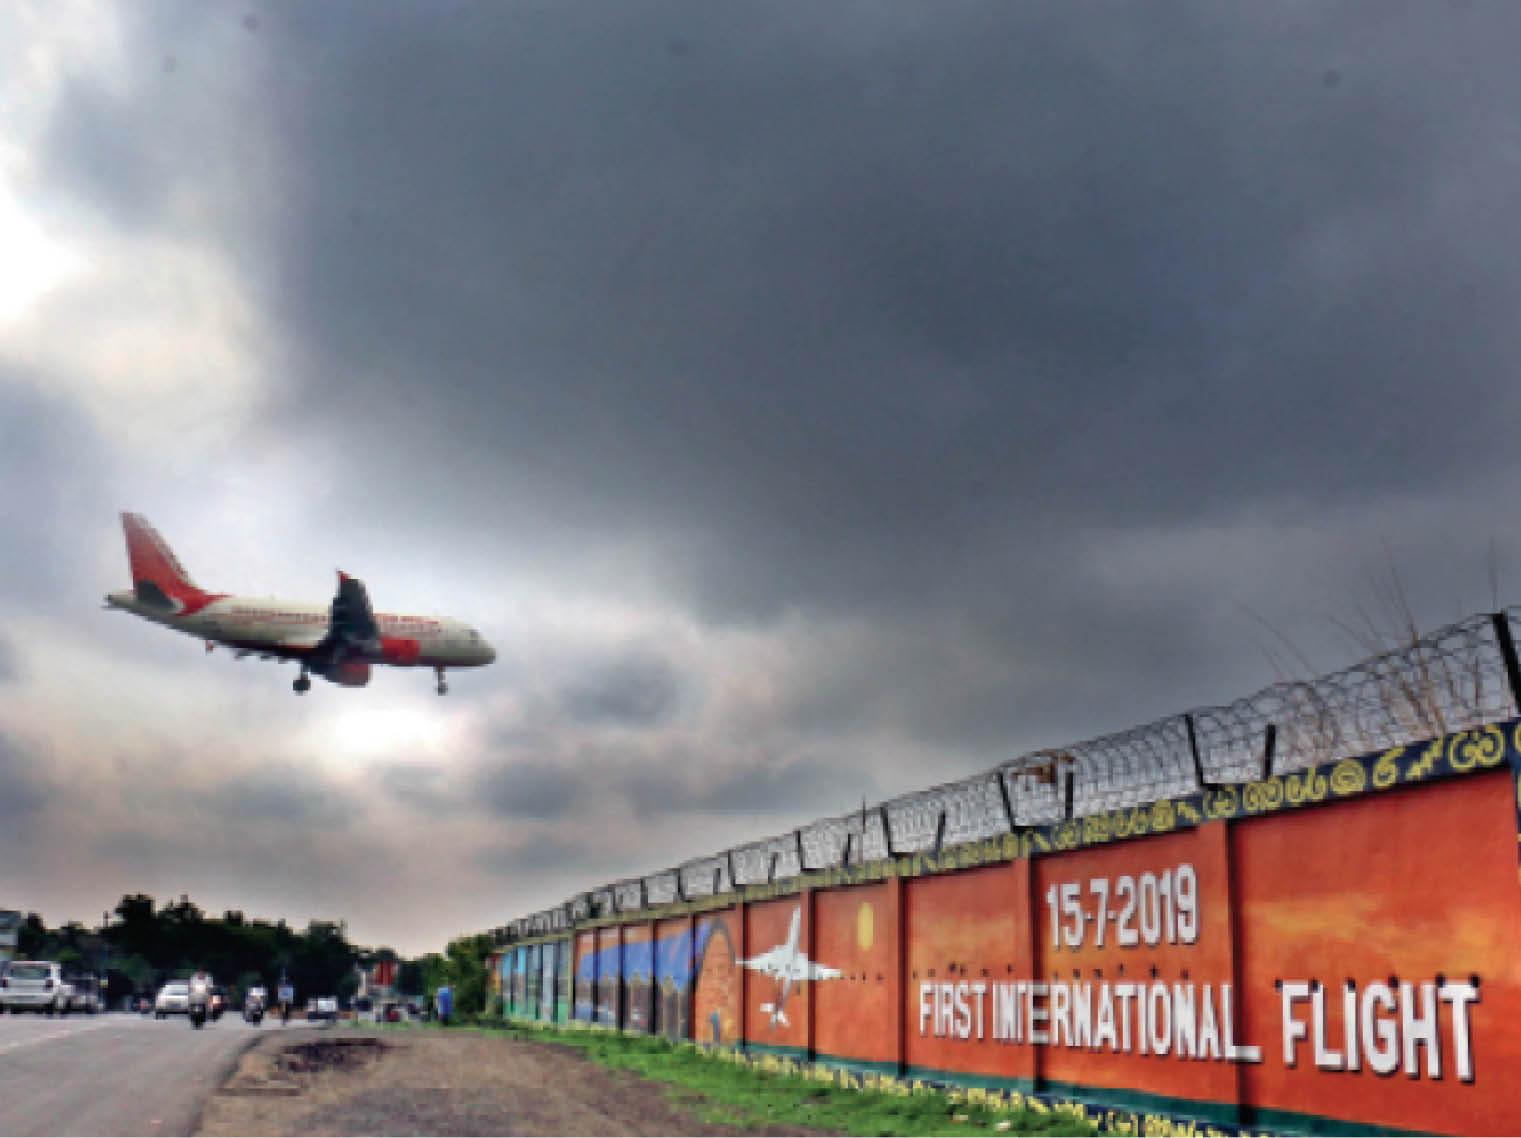 एयरपोर्ट की सुरक्षा दीवार पर आज भी अंकित है इंदौर-दुबई फ्लाइट शुरू होने की शुभ घड़ी - Dainik Bhaskar